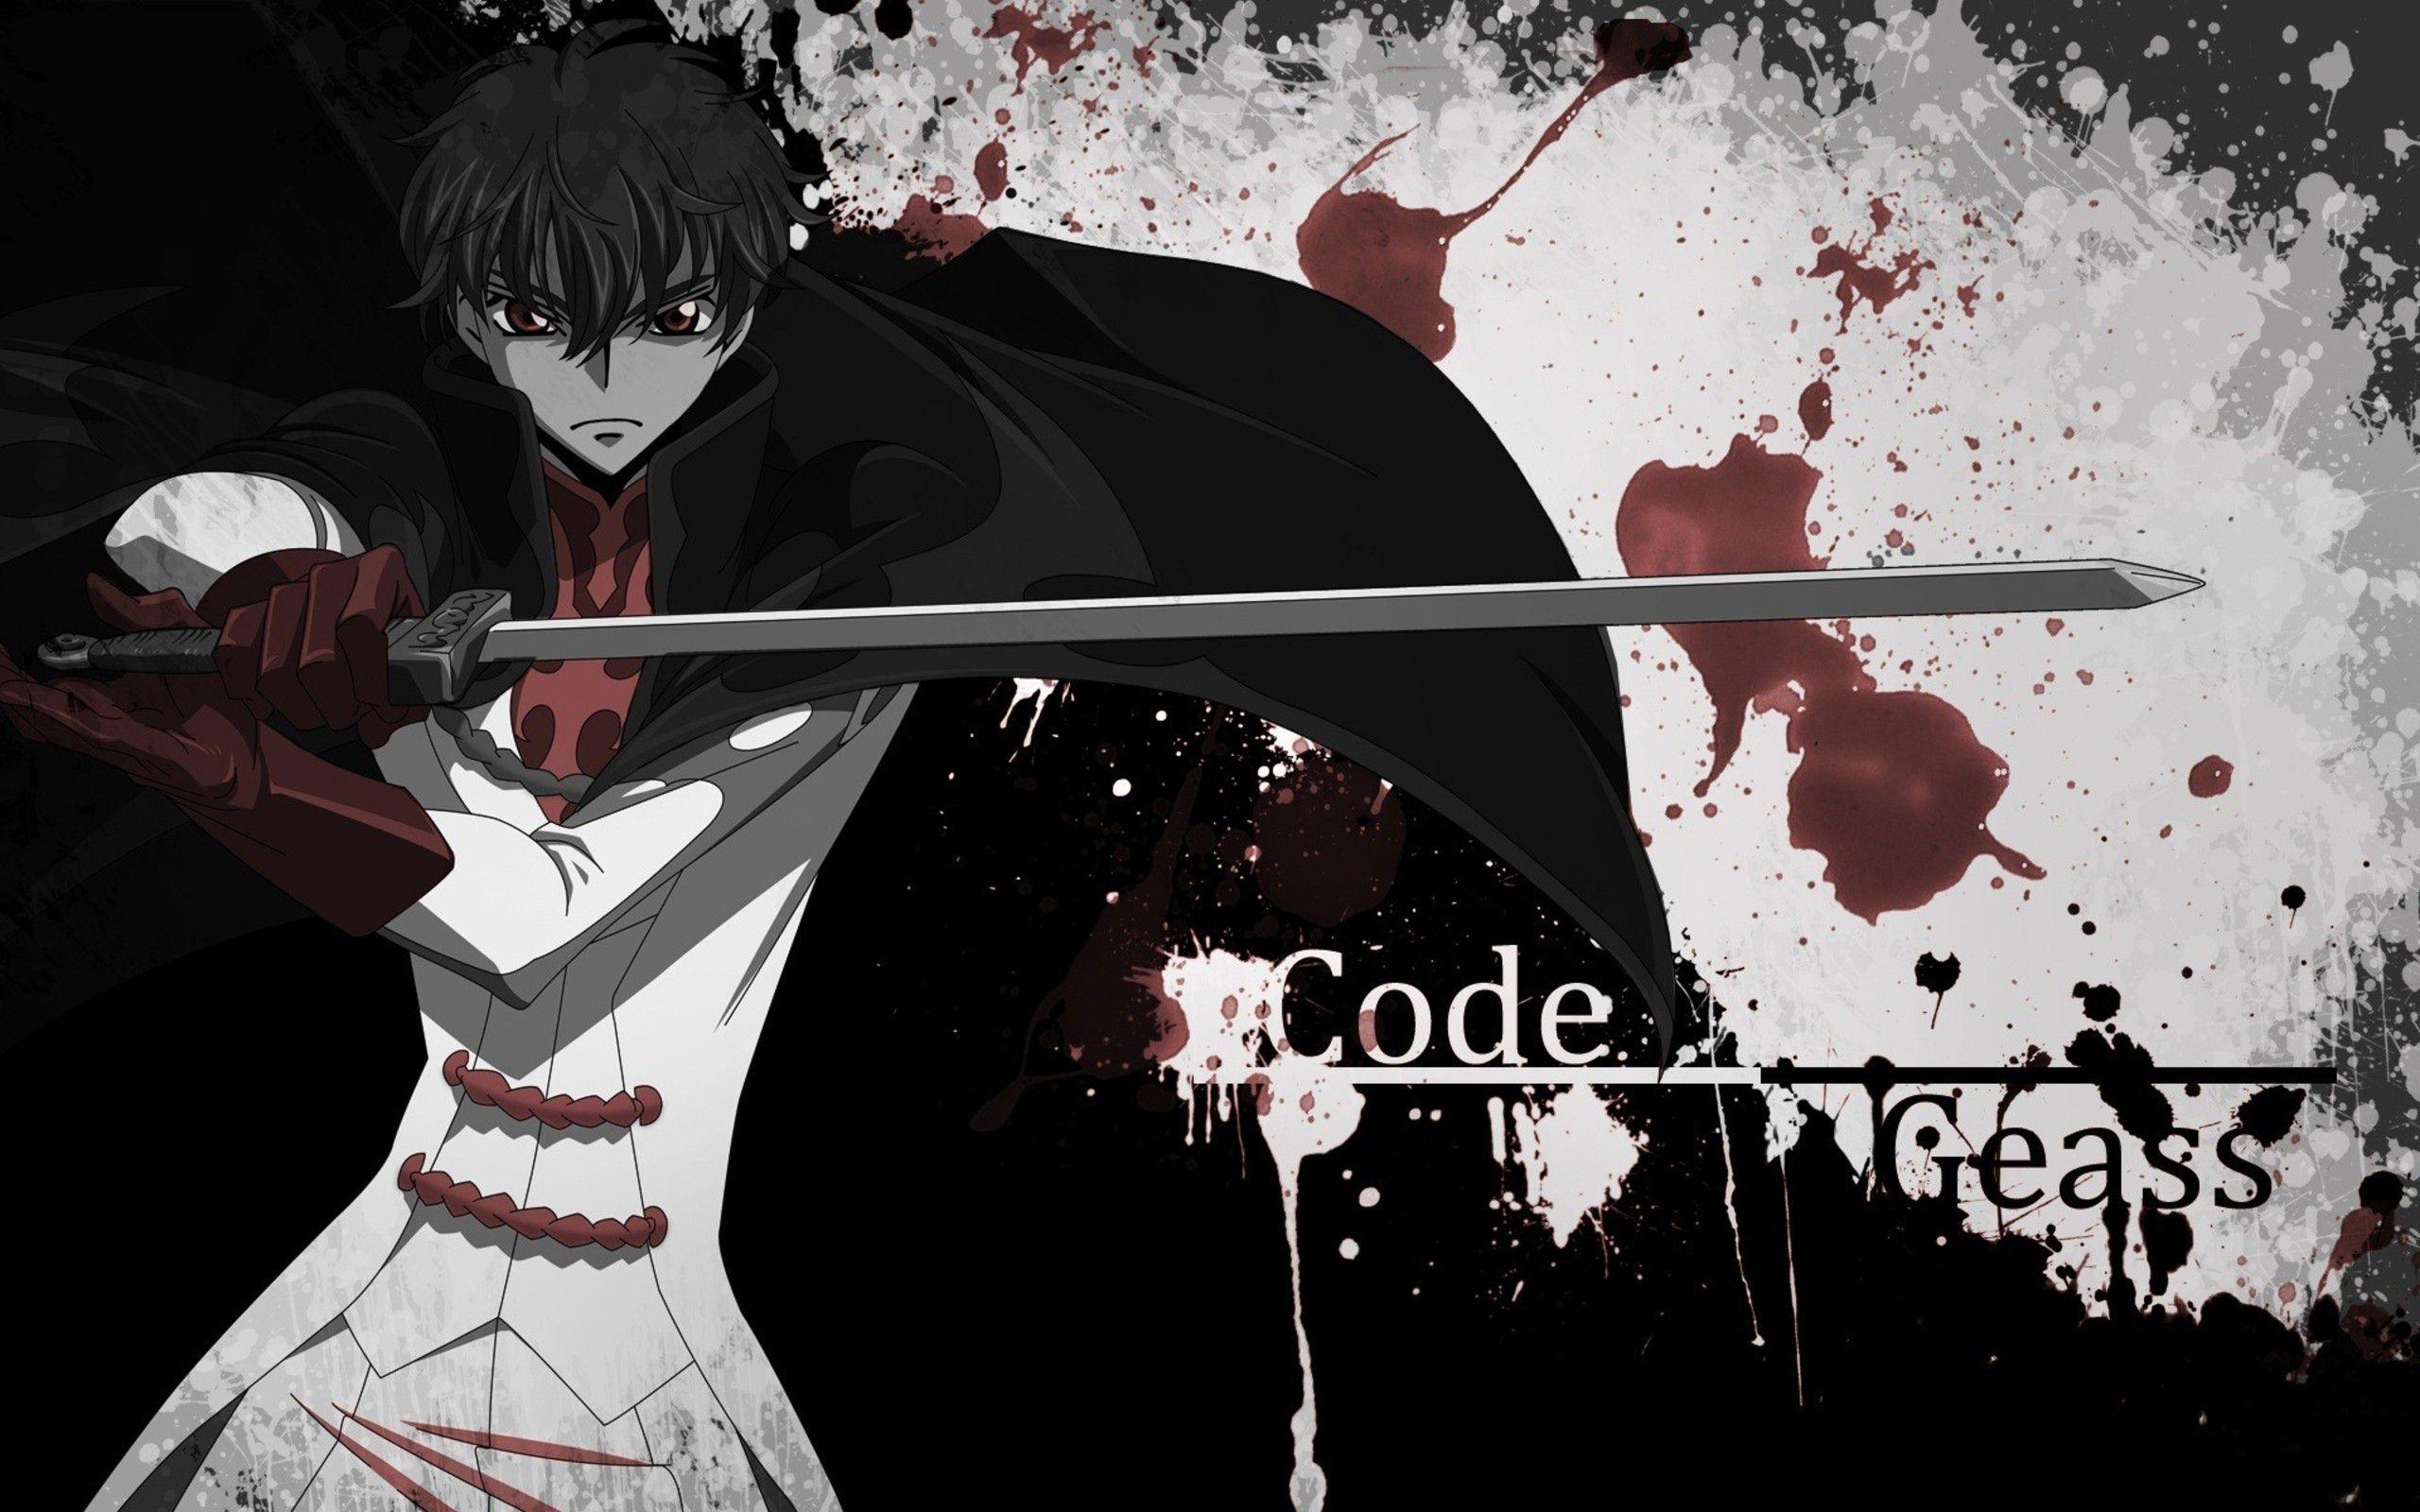 Code Geass Wallpaper - Code Geass , HD Wallpaper & Backgrounds